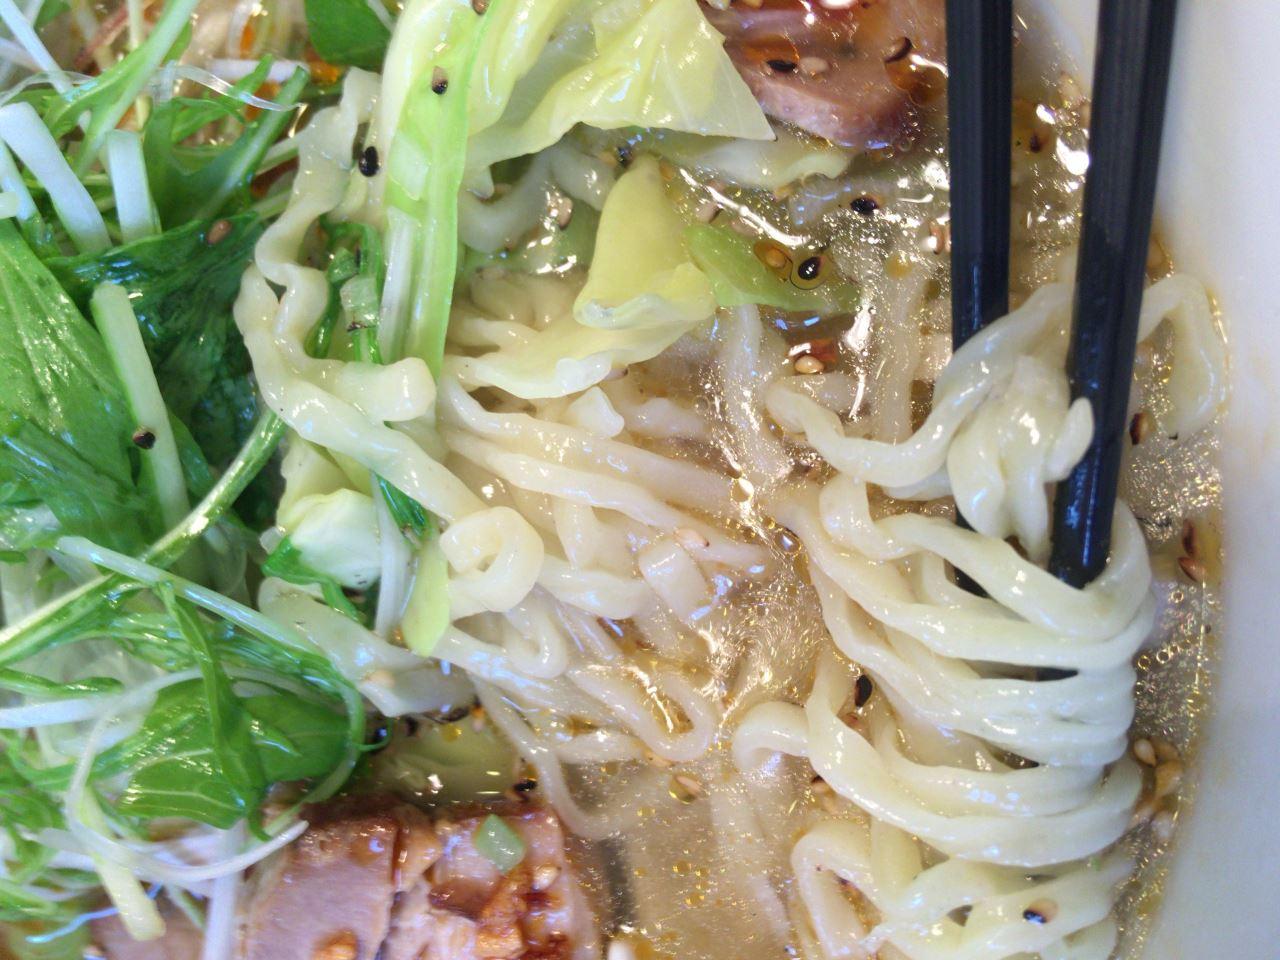 喜多方坂内の期間限定メニューピリ辛香ばし塩ラーメンの麺